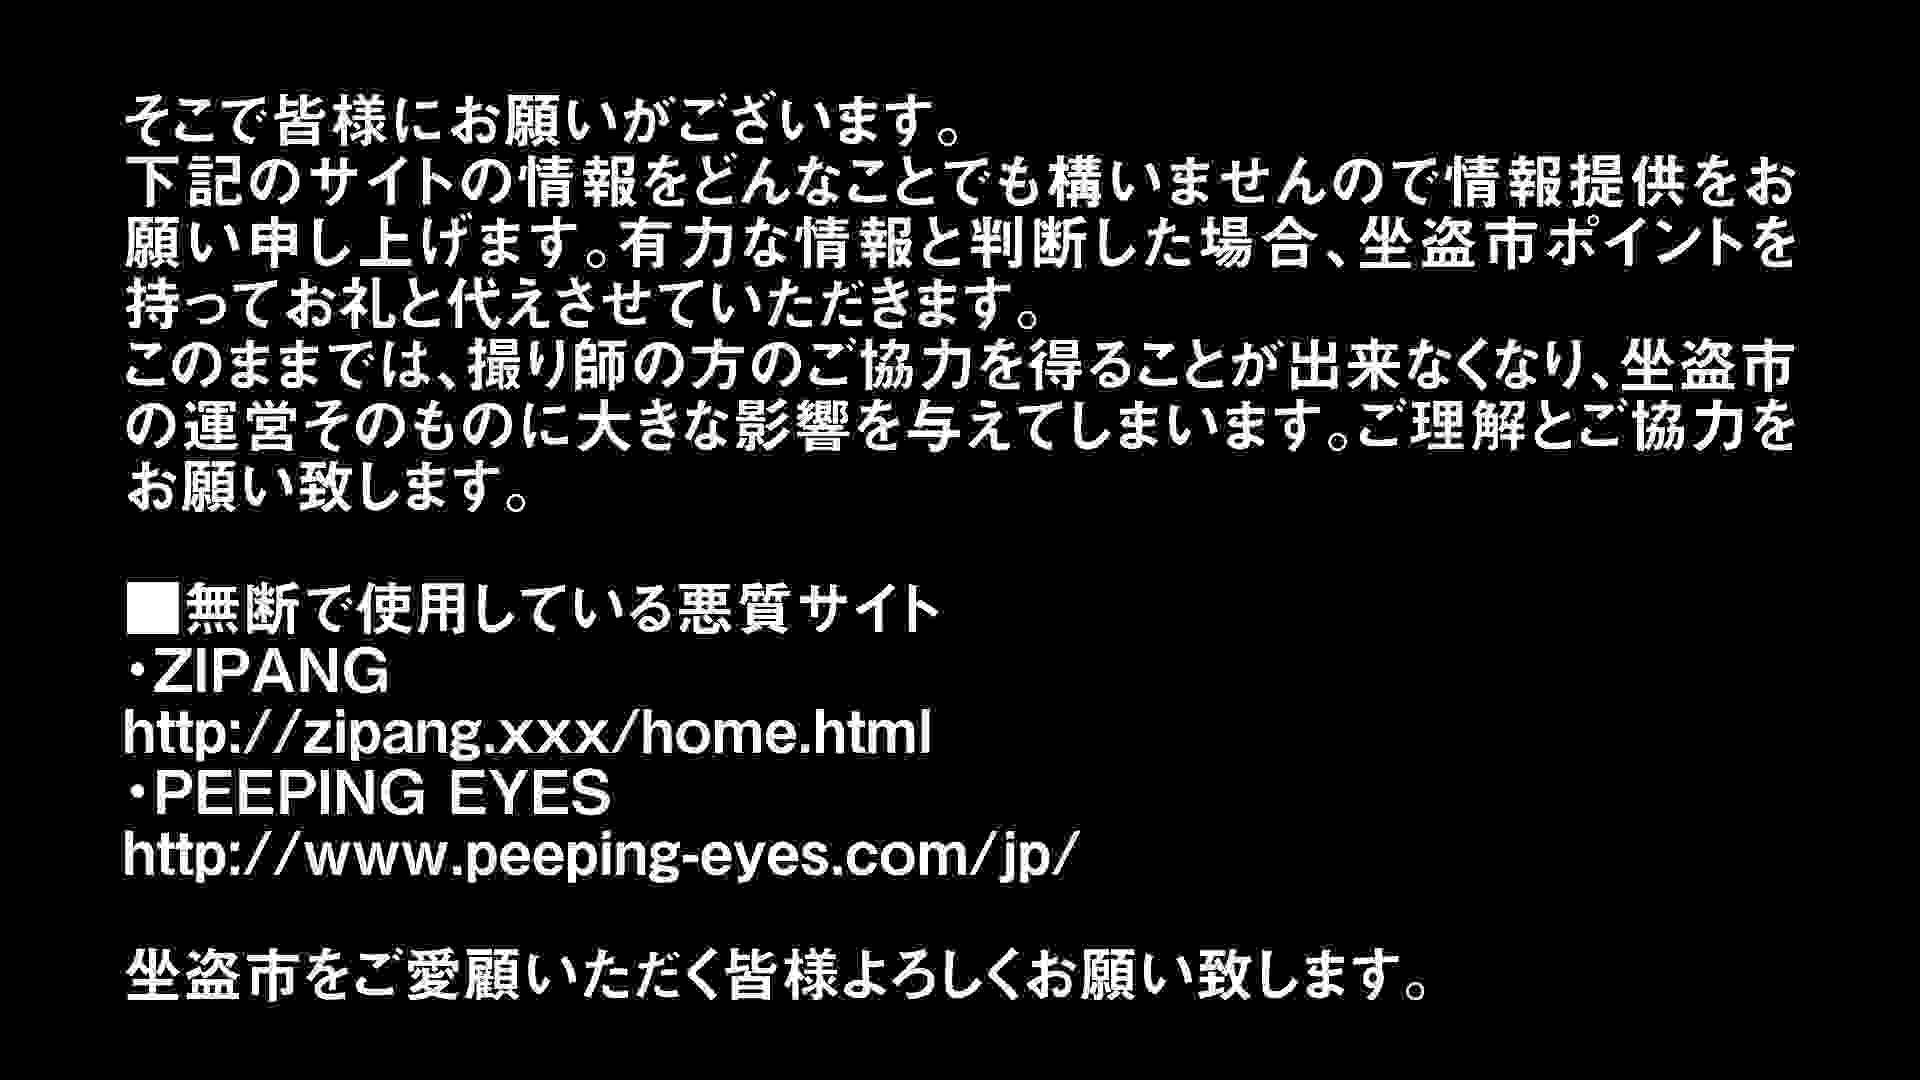 Aquaな露天風呂Vol.297 露天 | 盗撮  103画像 40